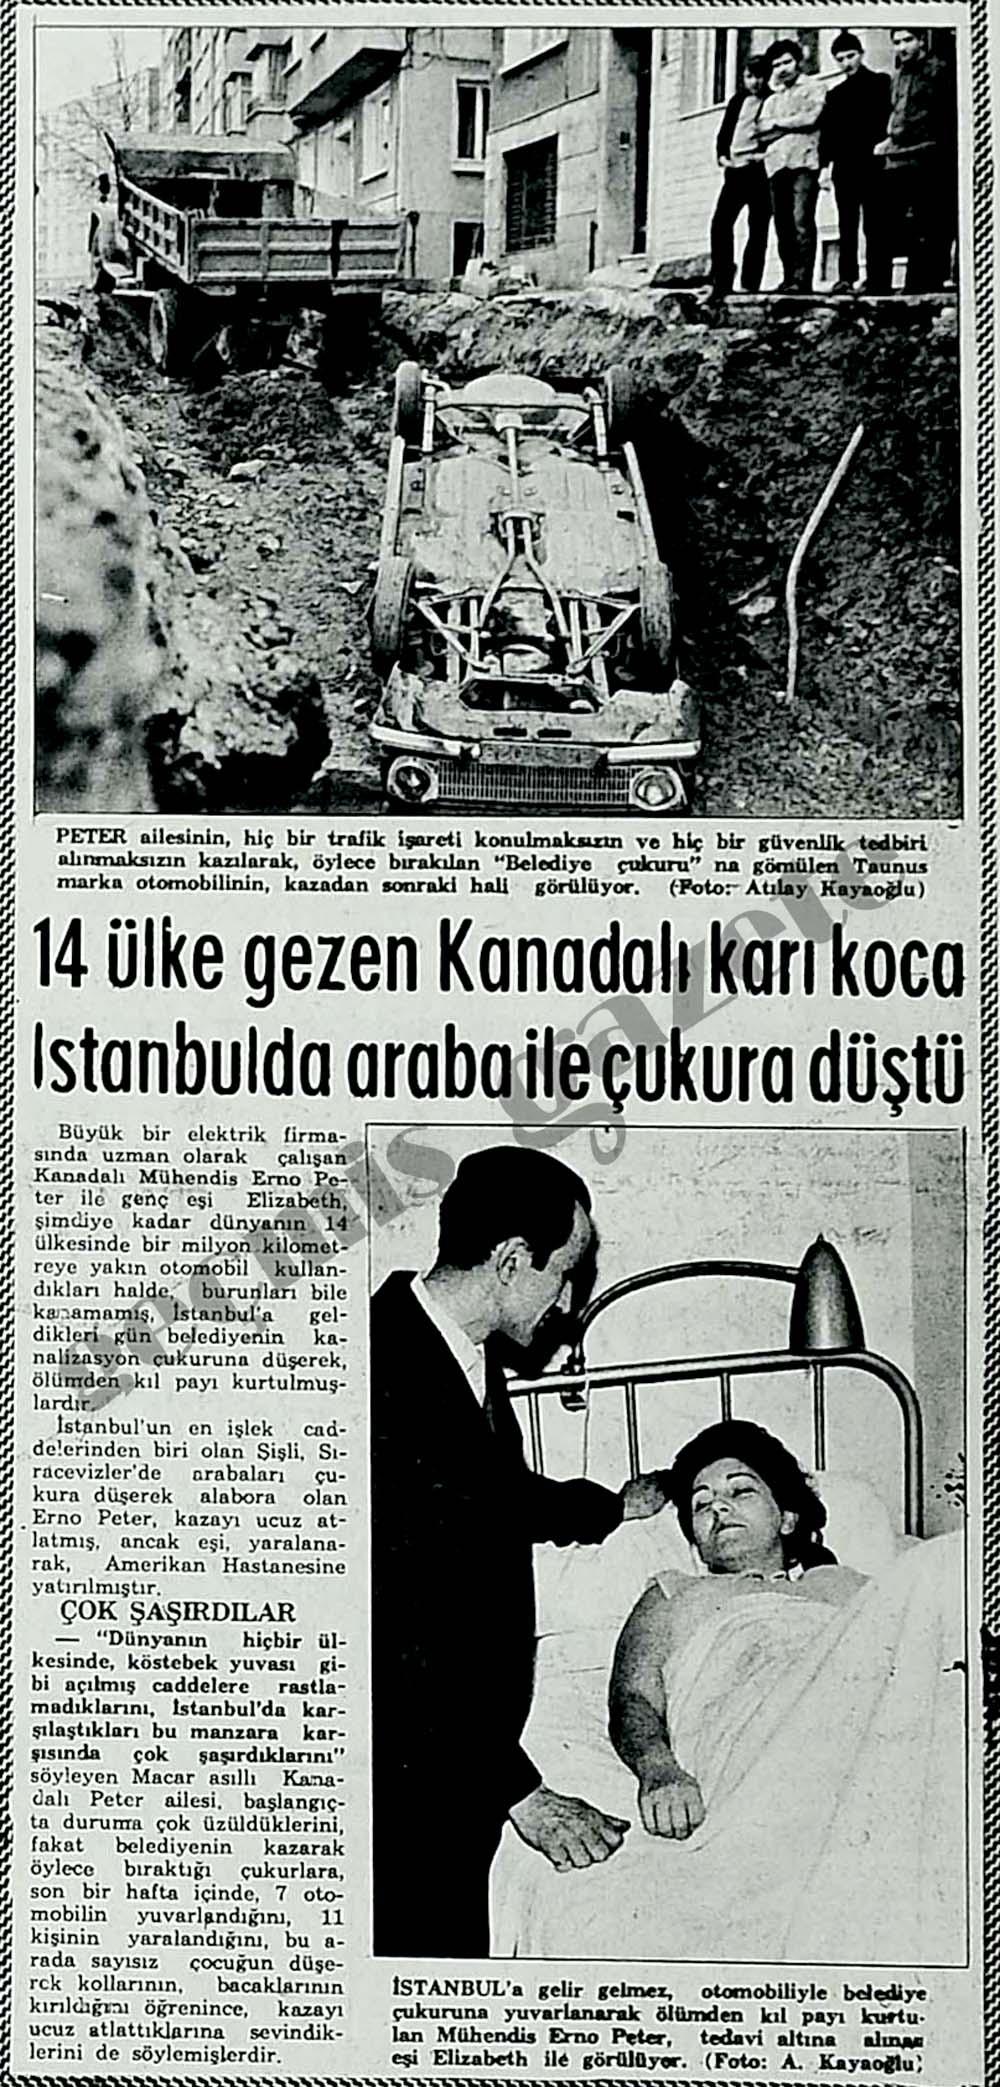 14 ülke gezen Kanadalı karı koca İstanbulda araba ile çukura düştü